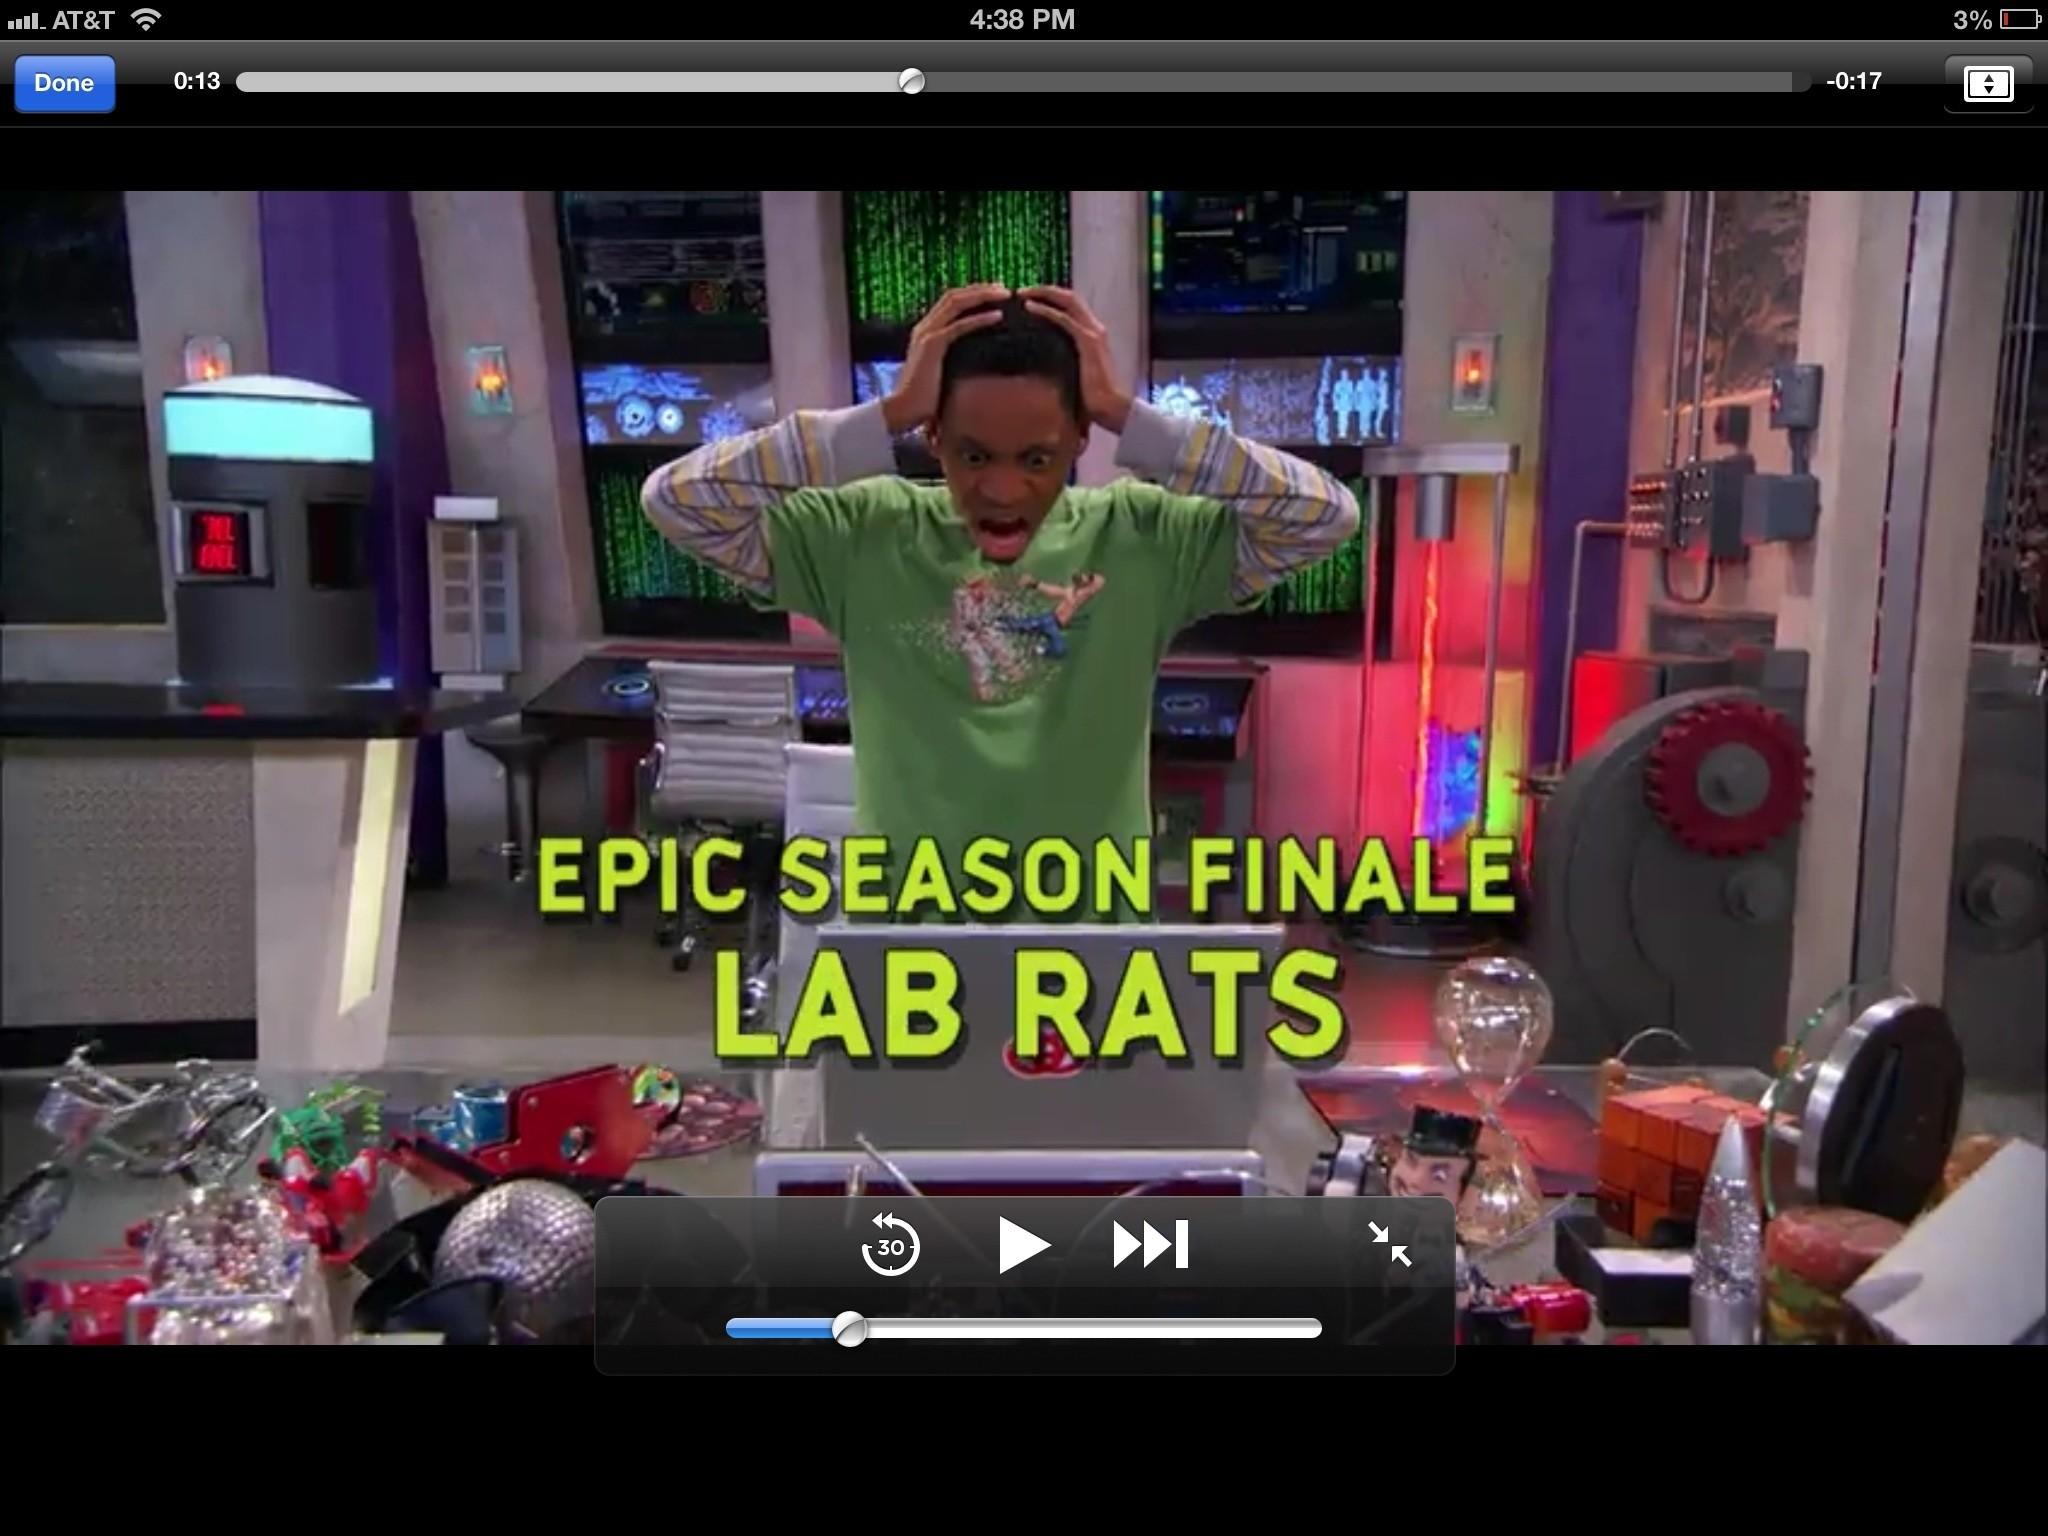 63 Lab Rats